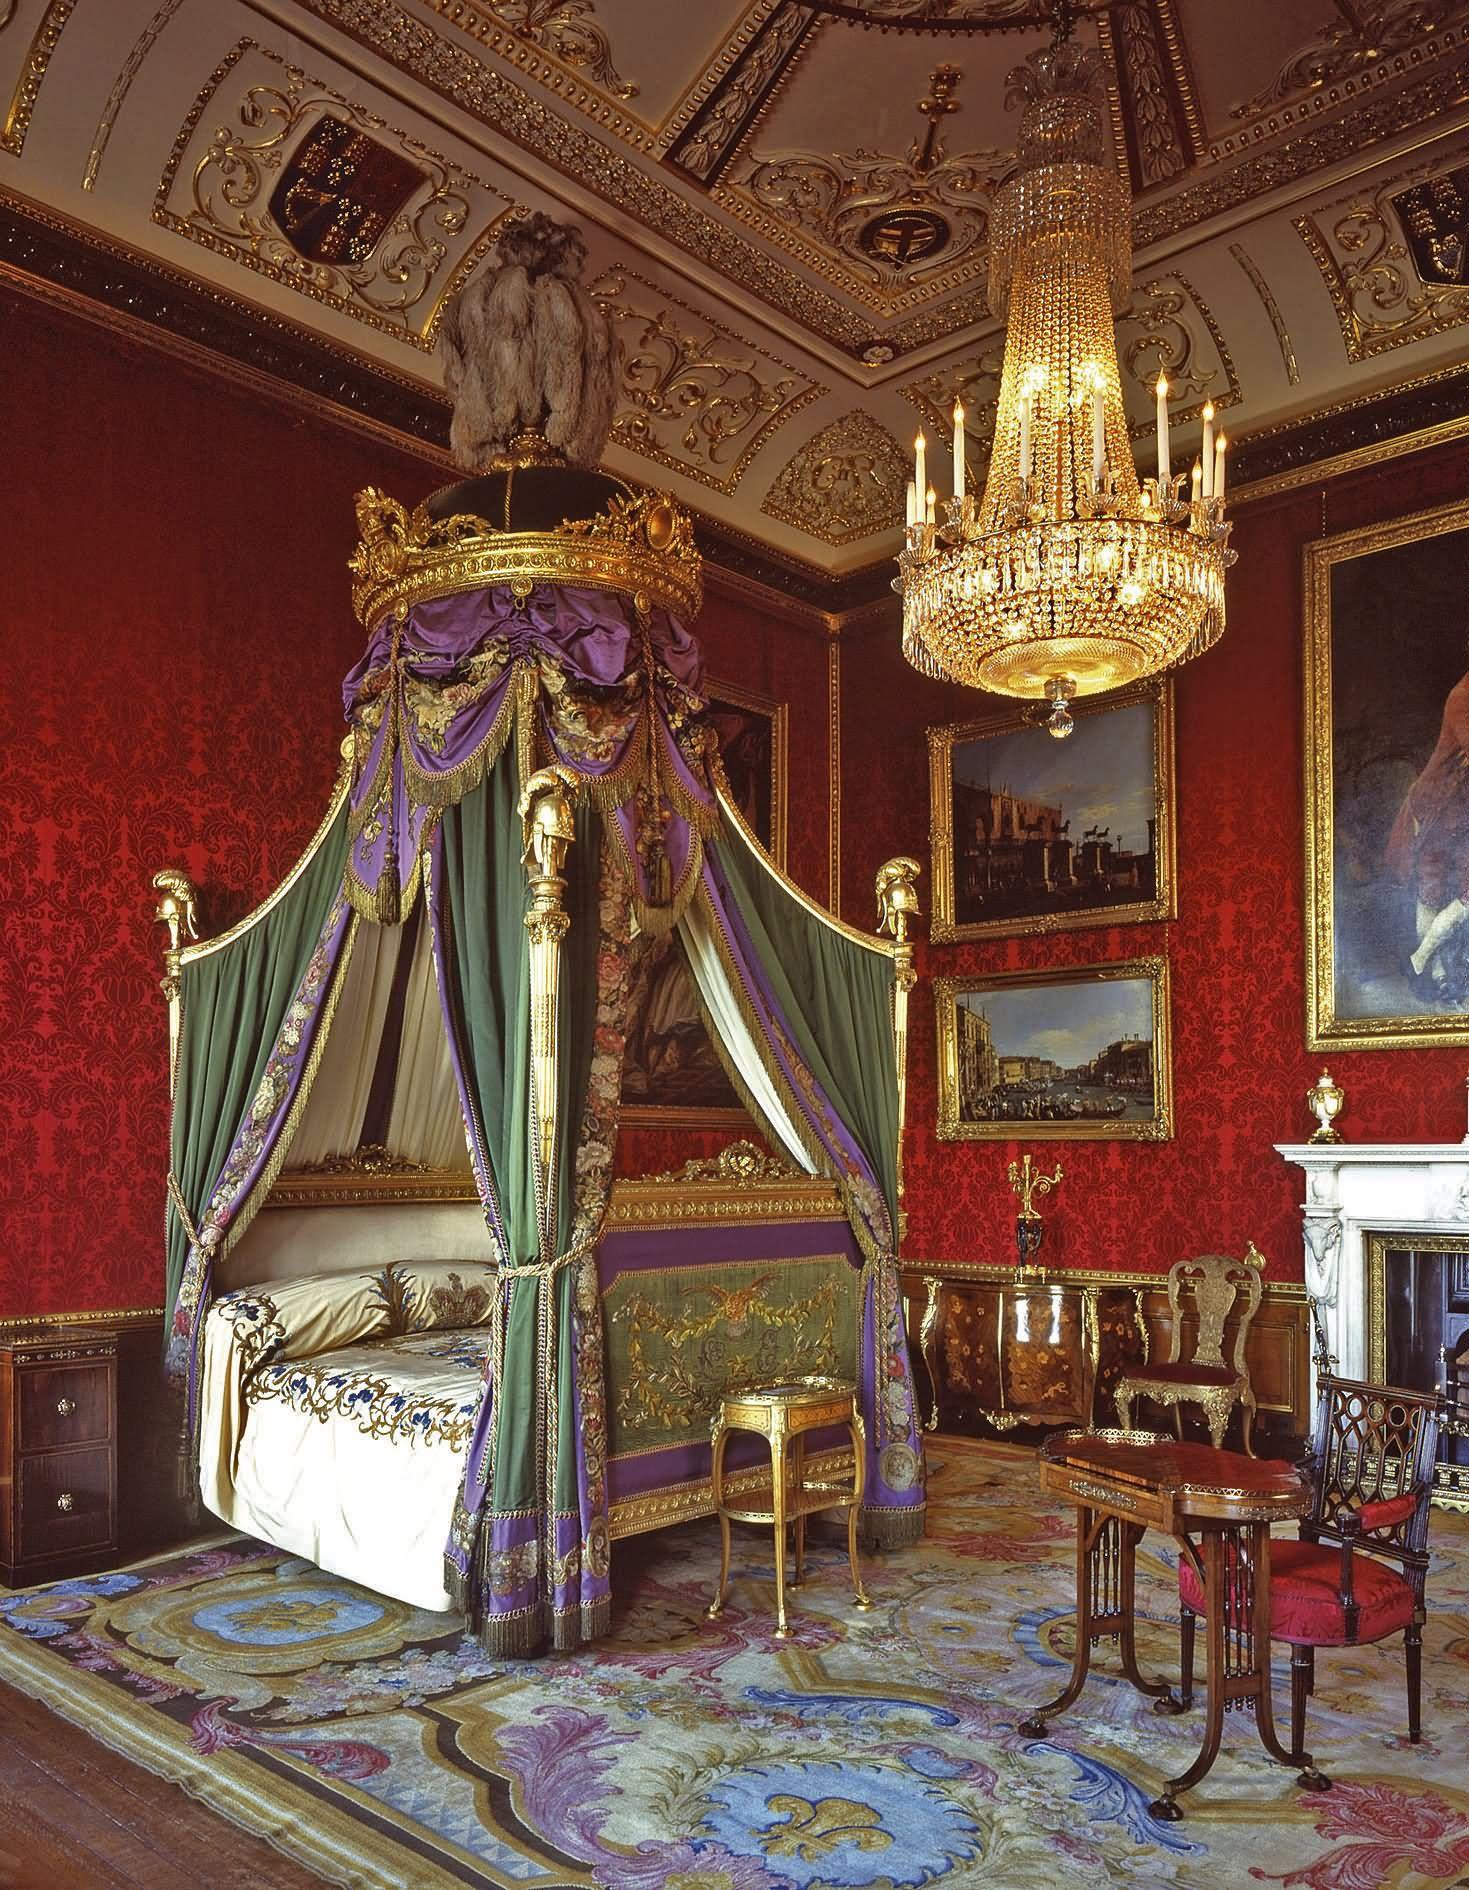 Pin by Debora Pennington on Buckingham Palace Pinterest